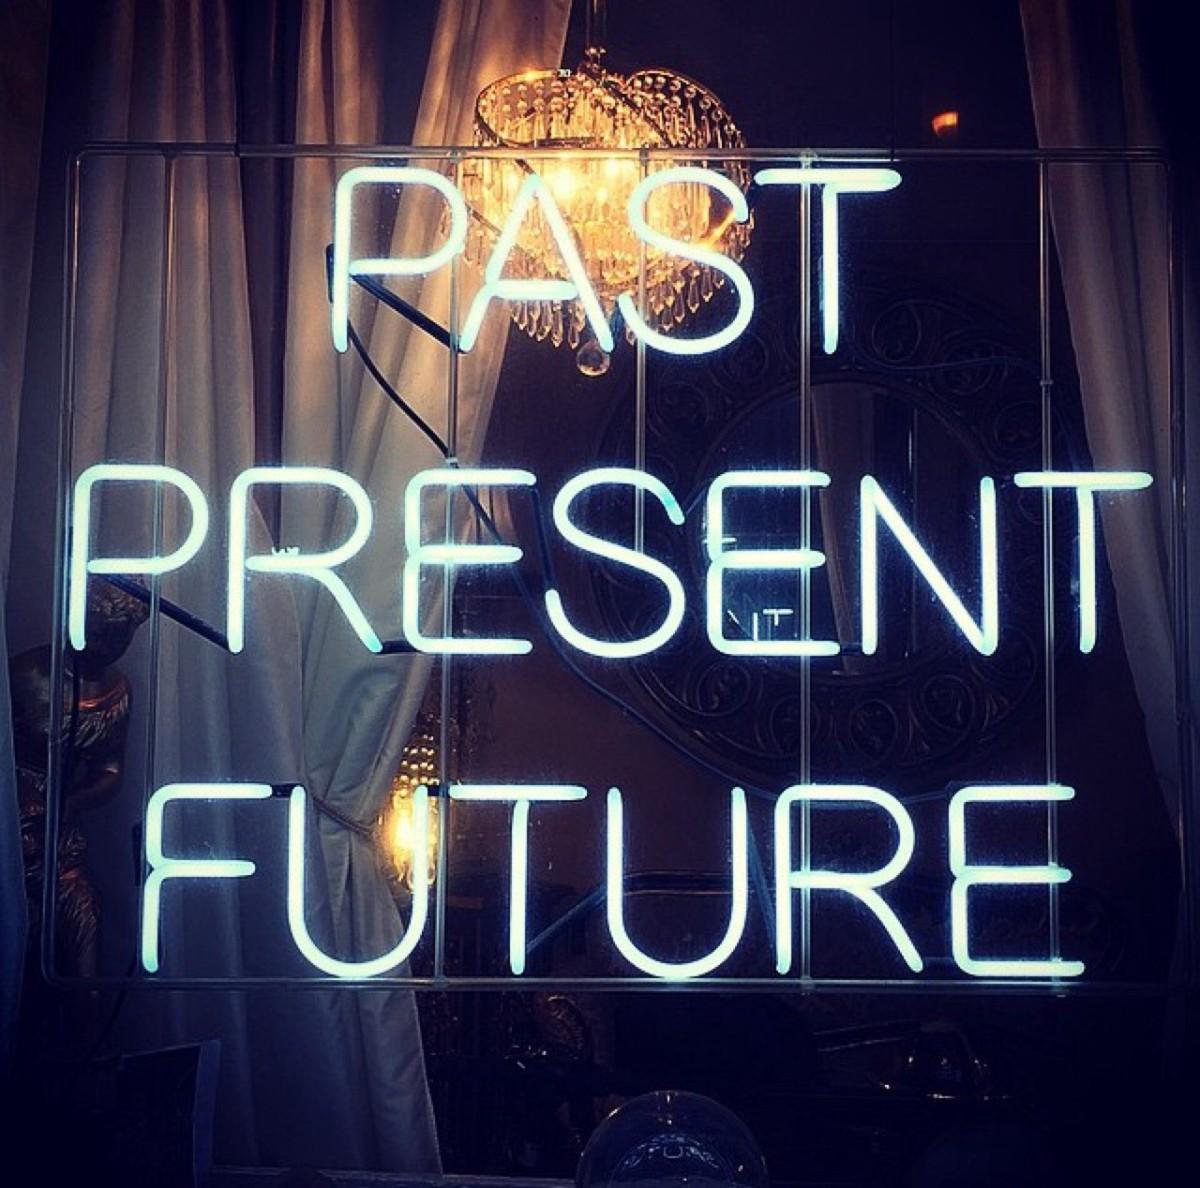 ¿Y tú dónde vives? ¿Pasado, presente o futuro? Mejor en lostres